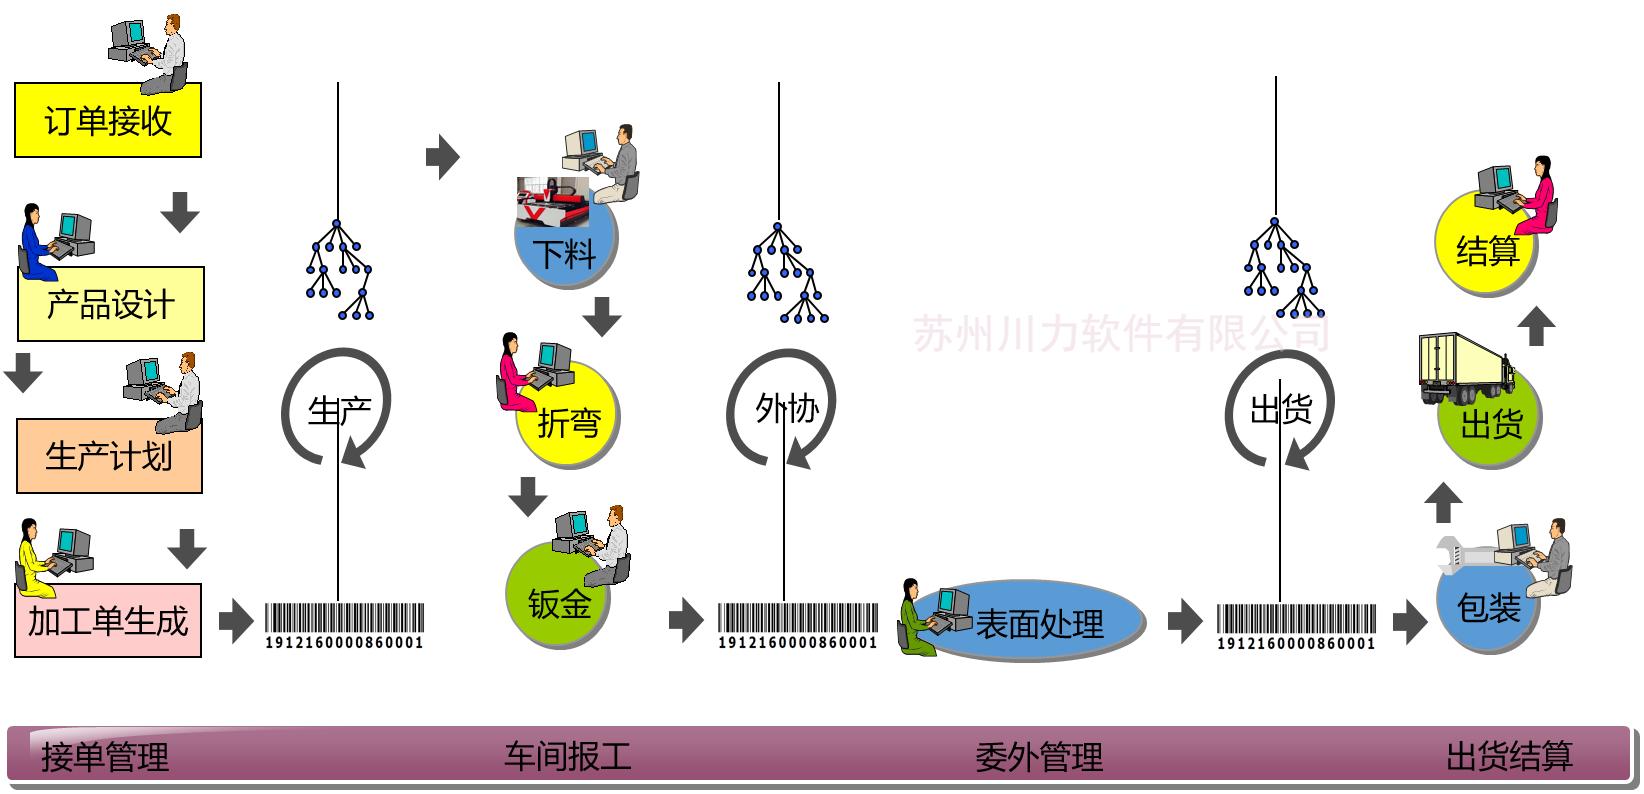 钣金厂ERP系统|钣金厂项目管理系统|钣金车间管理系统|钣金现场管理系统|项目钣金管理系统